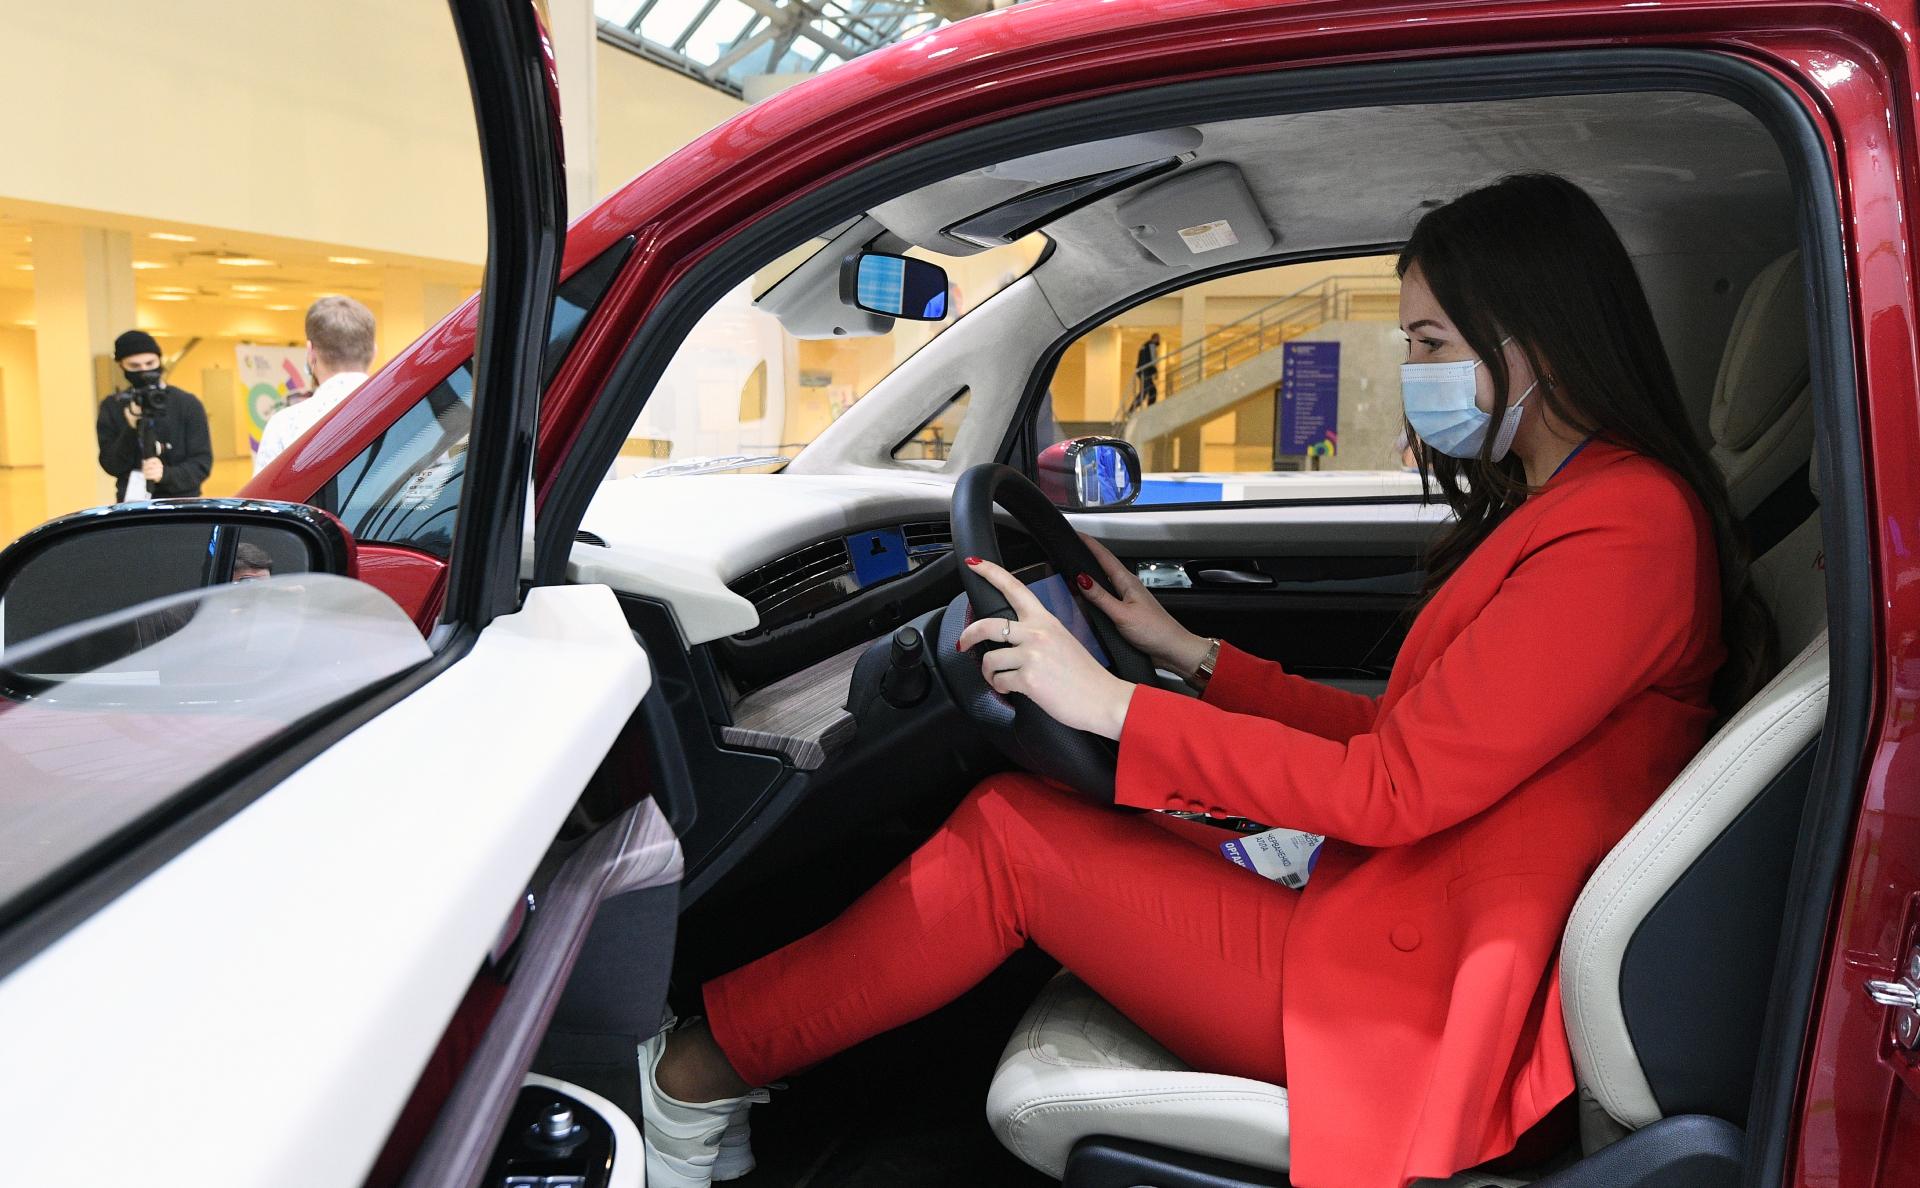 Электромобиль «Кама-1» на выставке ВУЗПРОМЭКСПО 2020 в Москве